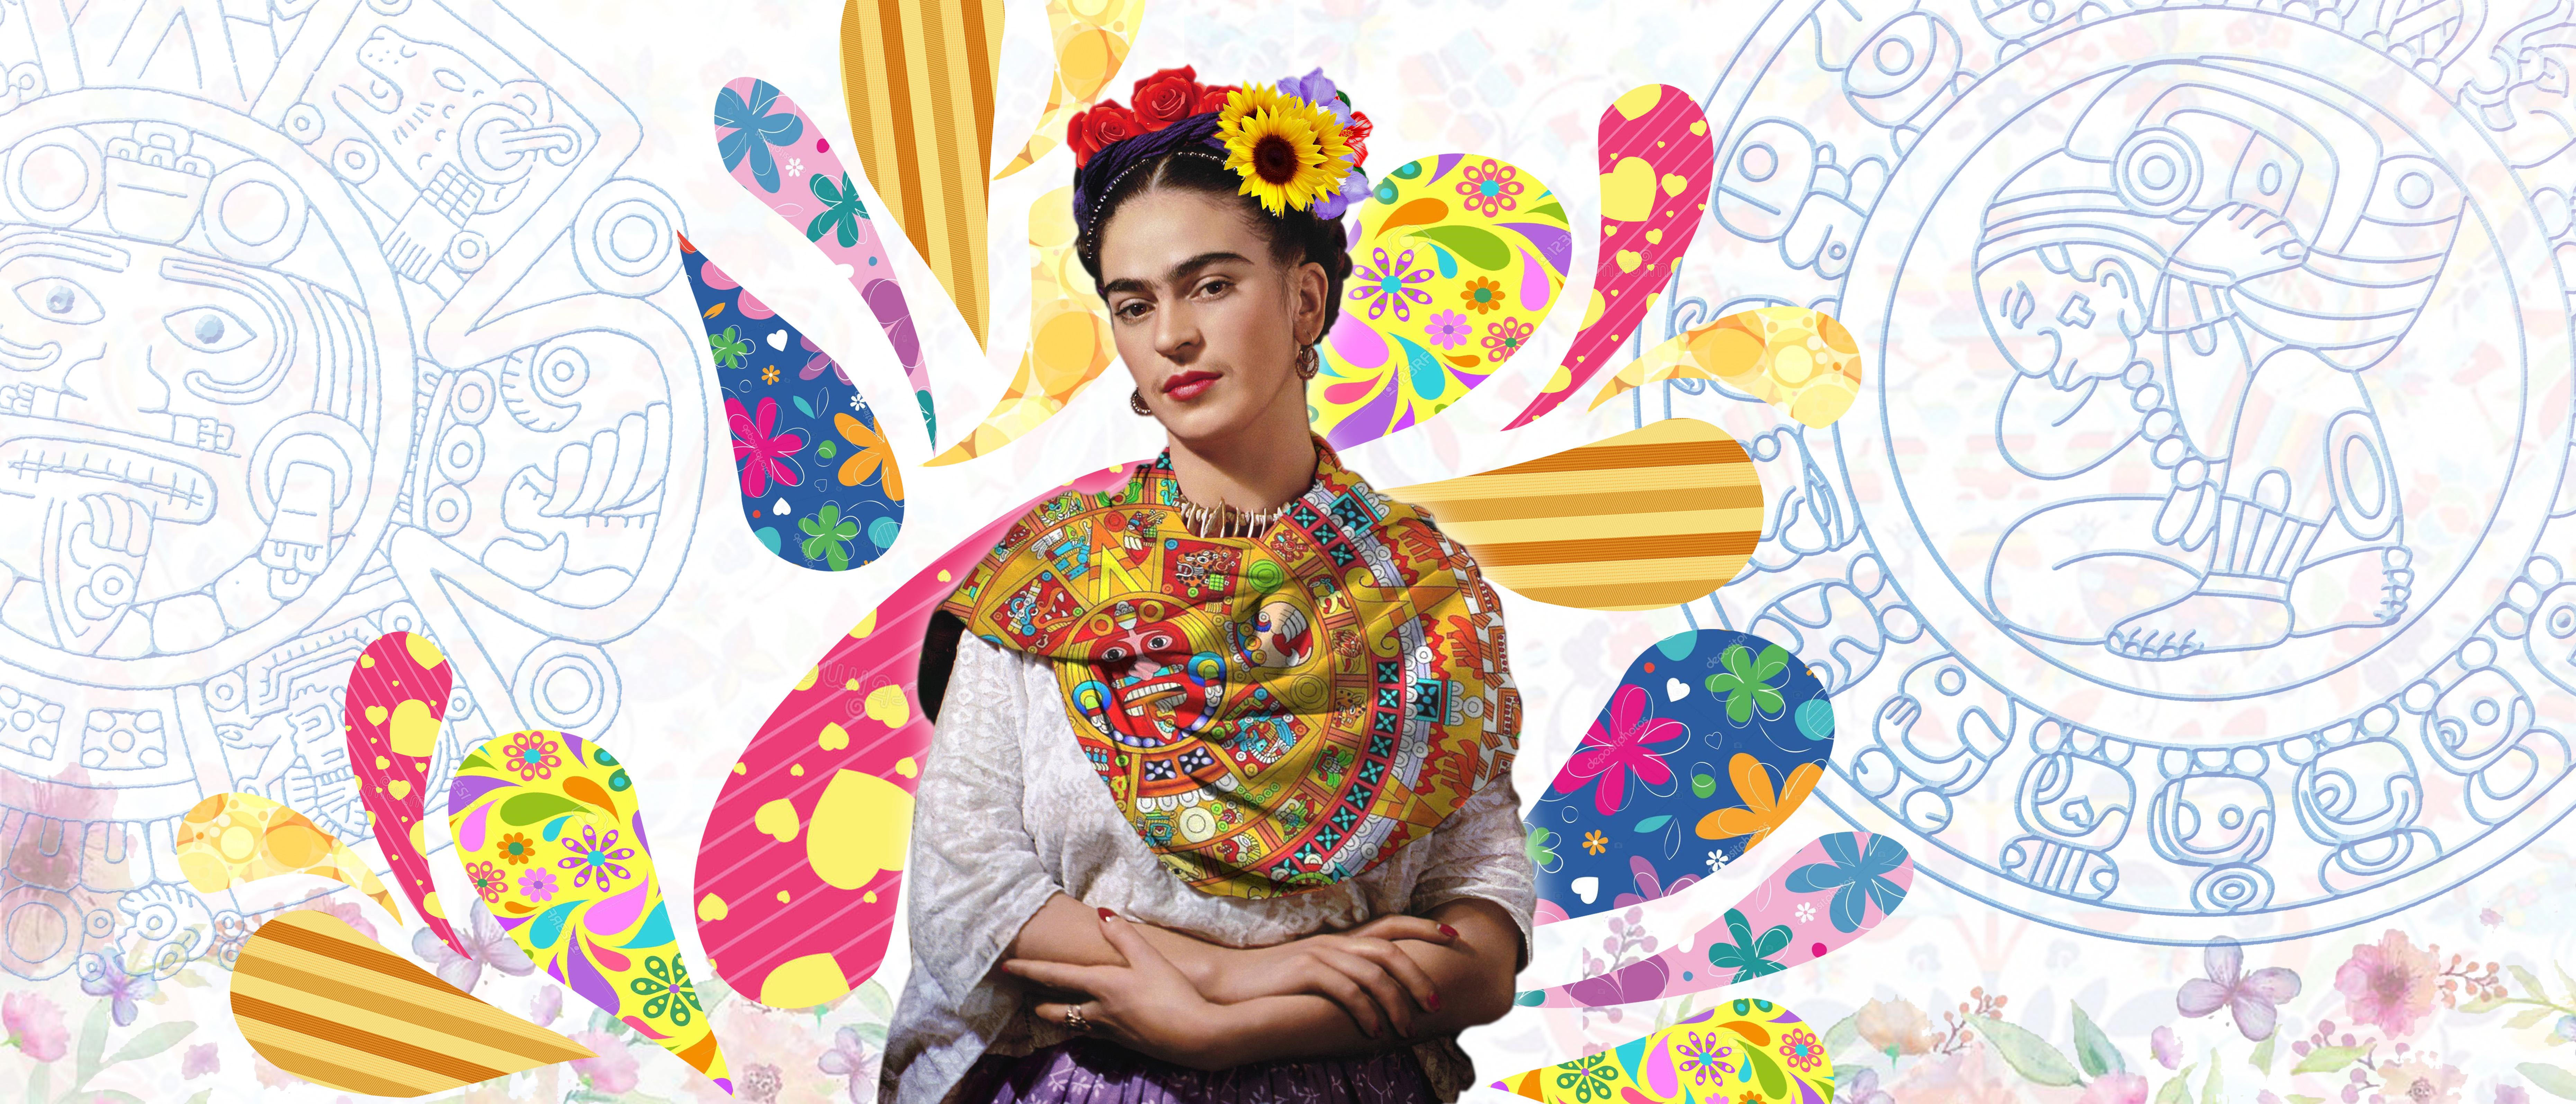 Imagenes De Frida Kahlo Para Imprimir: Sublima, Imprime Y Corta